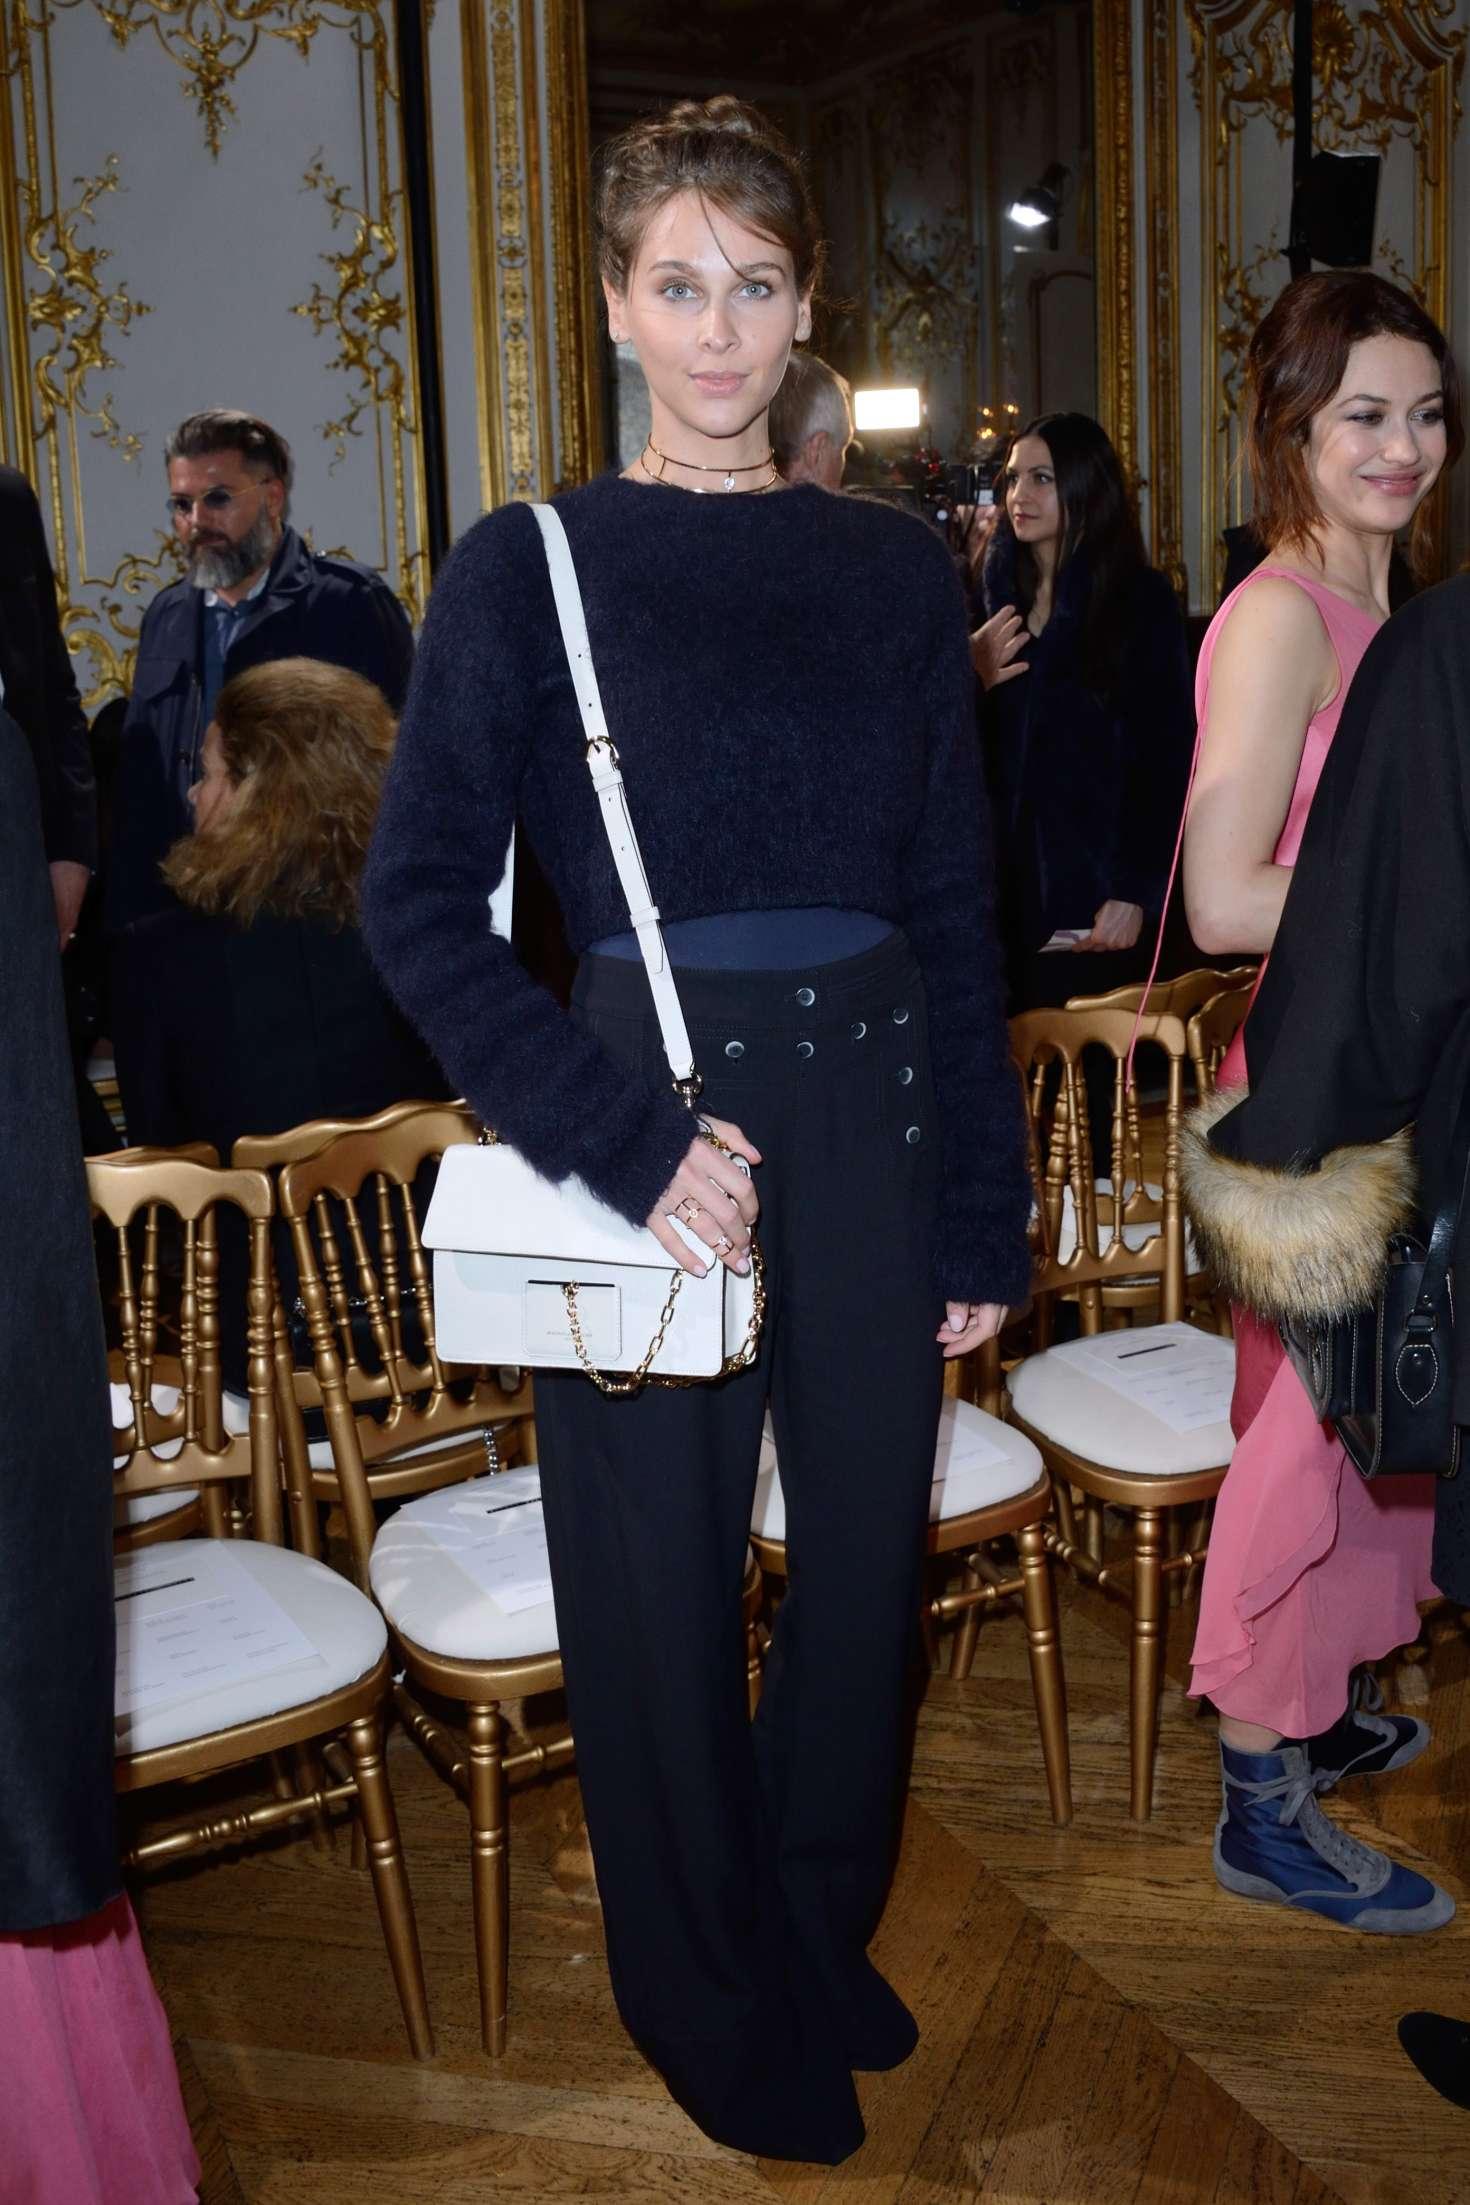 Watch Ophelie meunier john galliano fashion show in paris video